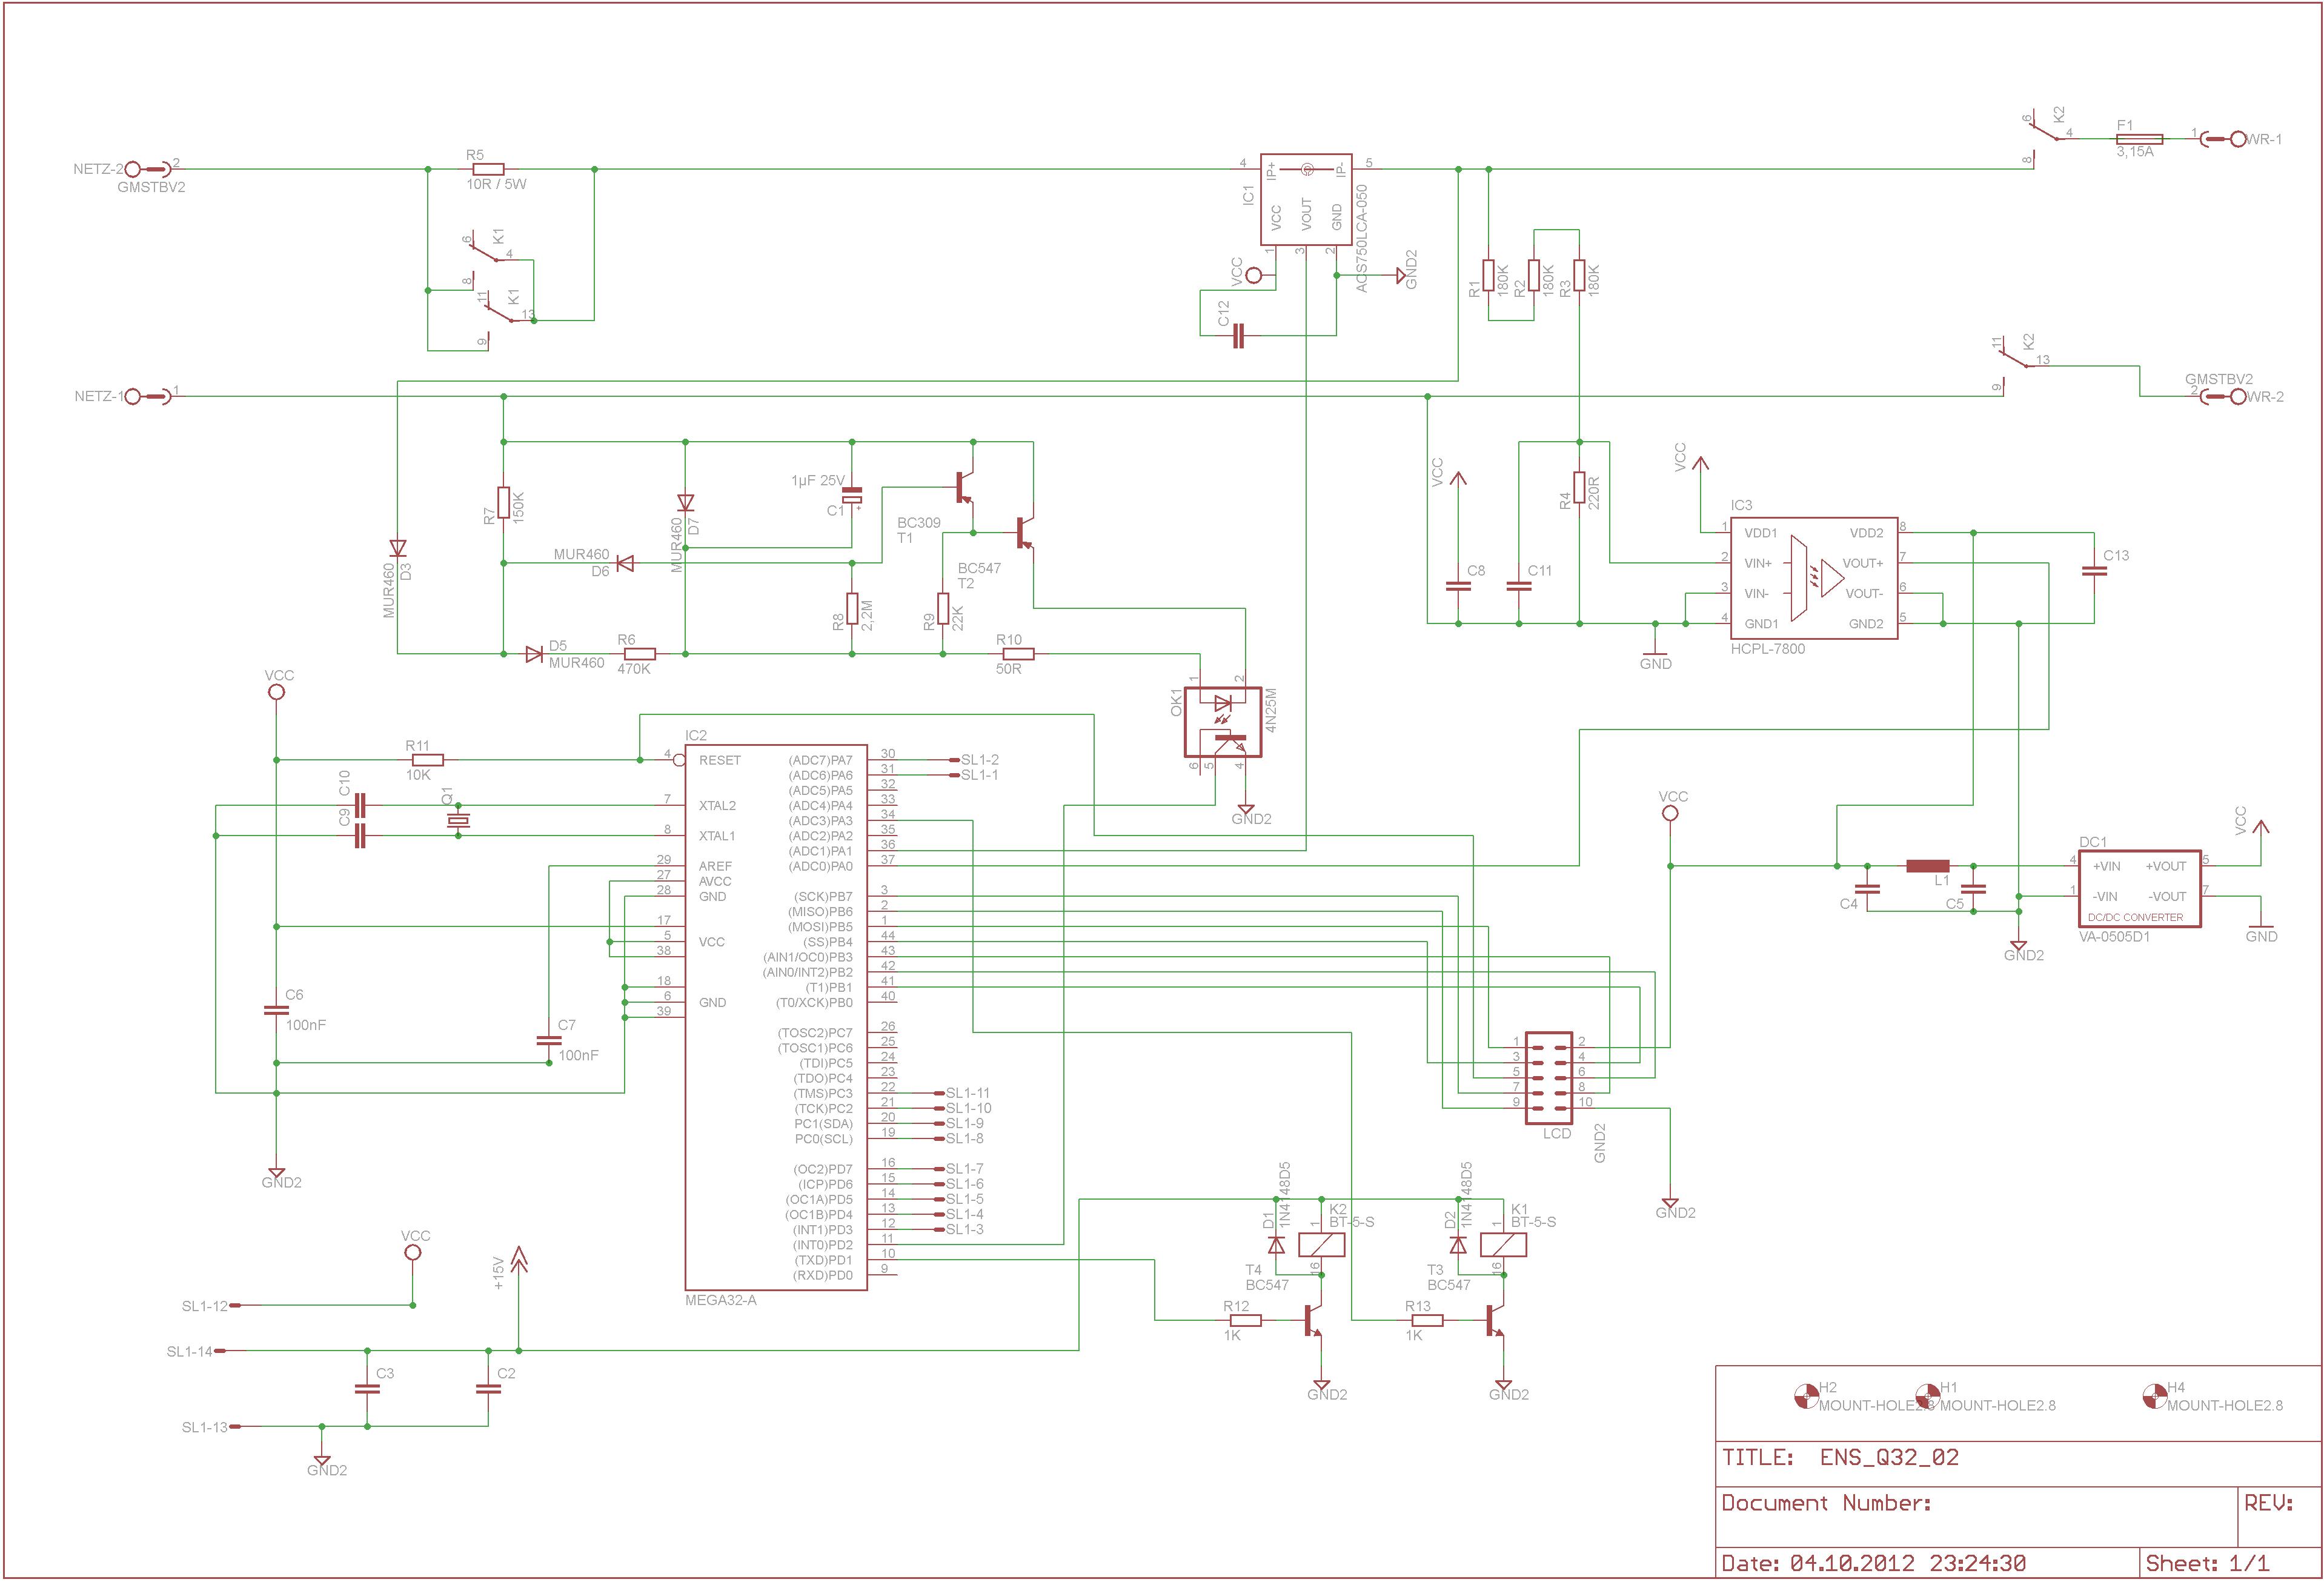 Tolle Haus Wechselstrom Schaltplan Bilder - Elektrische Schaltplan ...